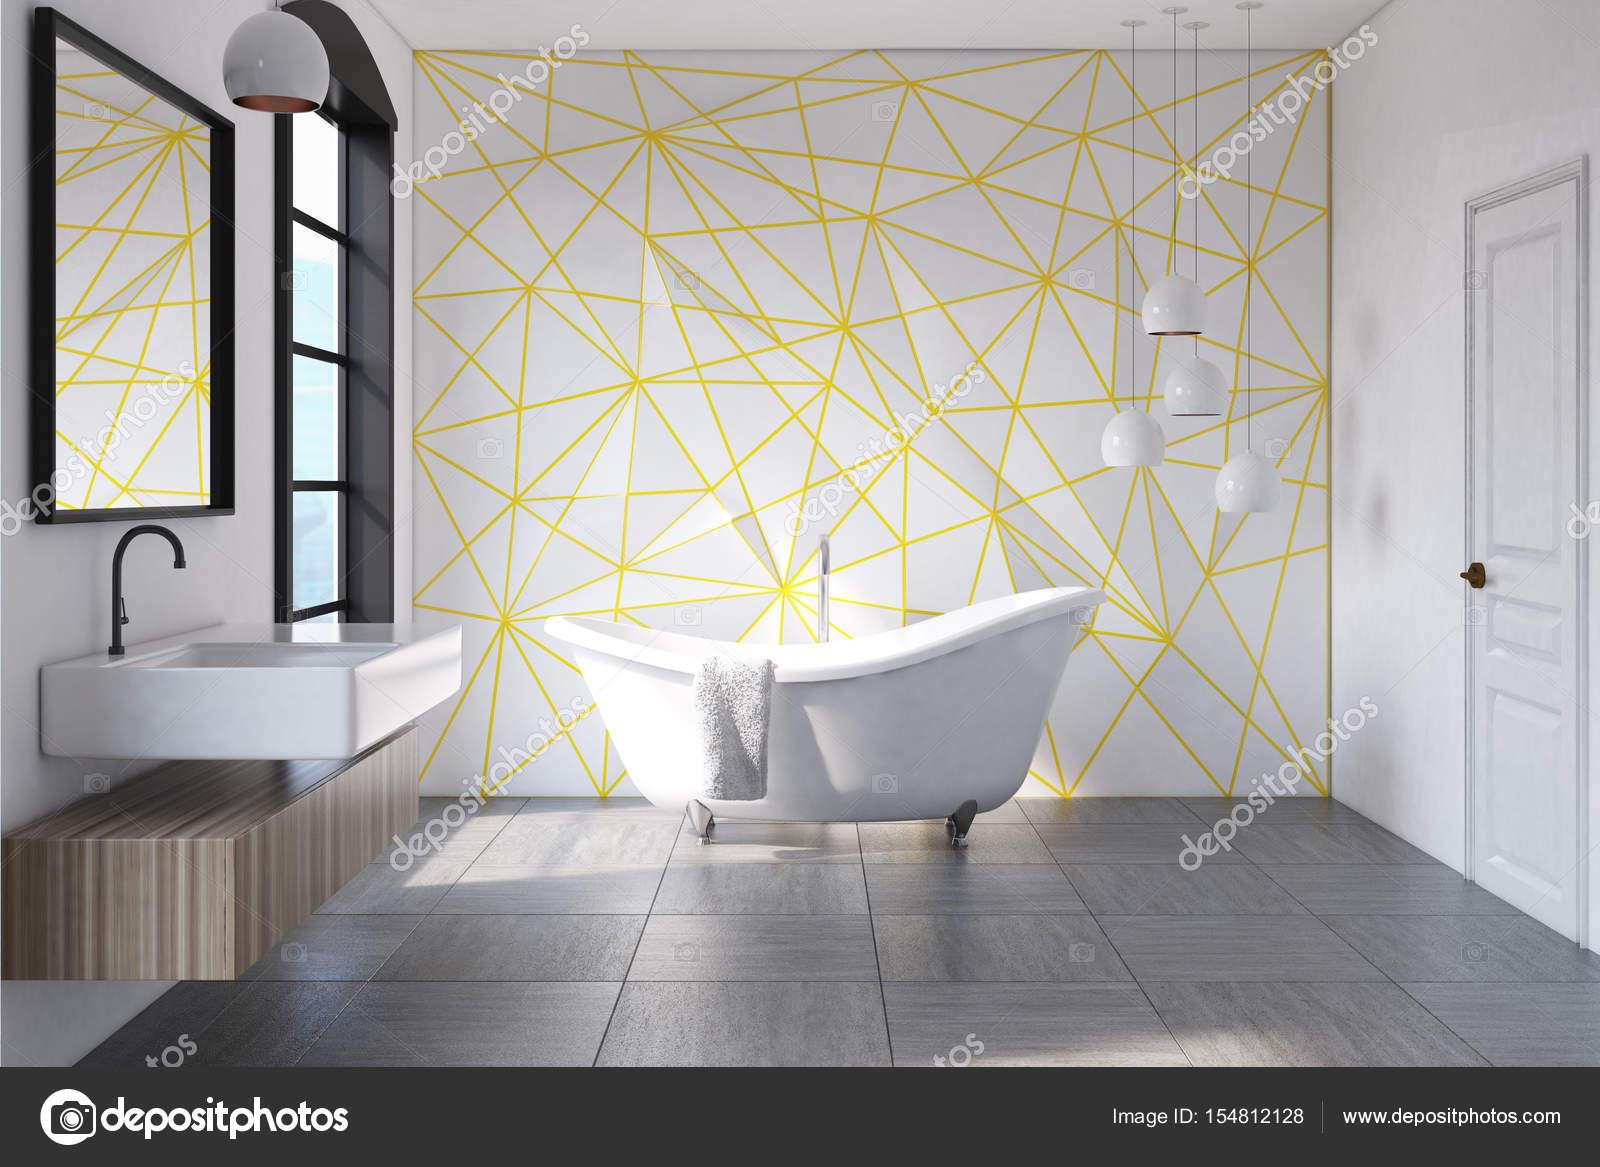 Weiße Badezimmer gelben Muster, konkrete — Stockfoto ...